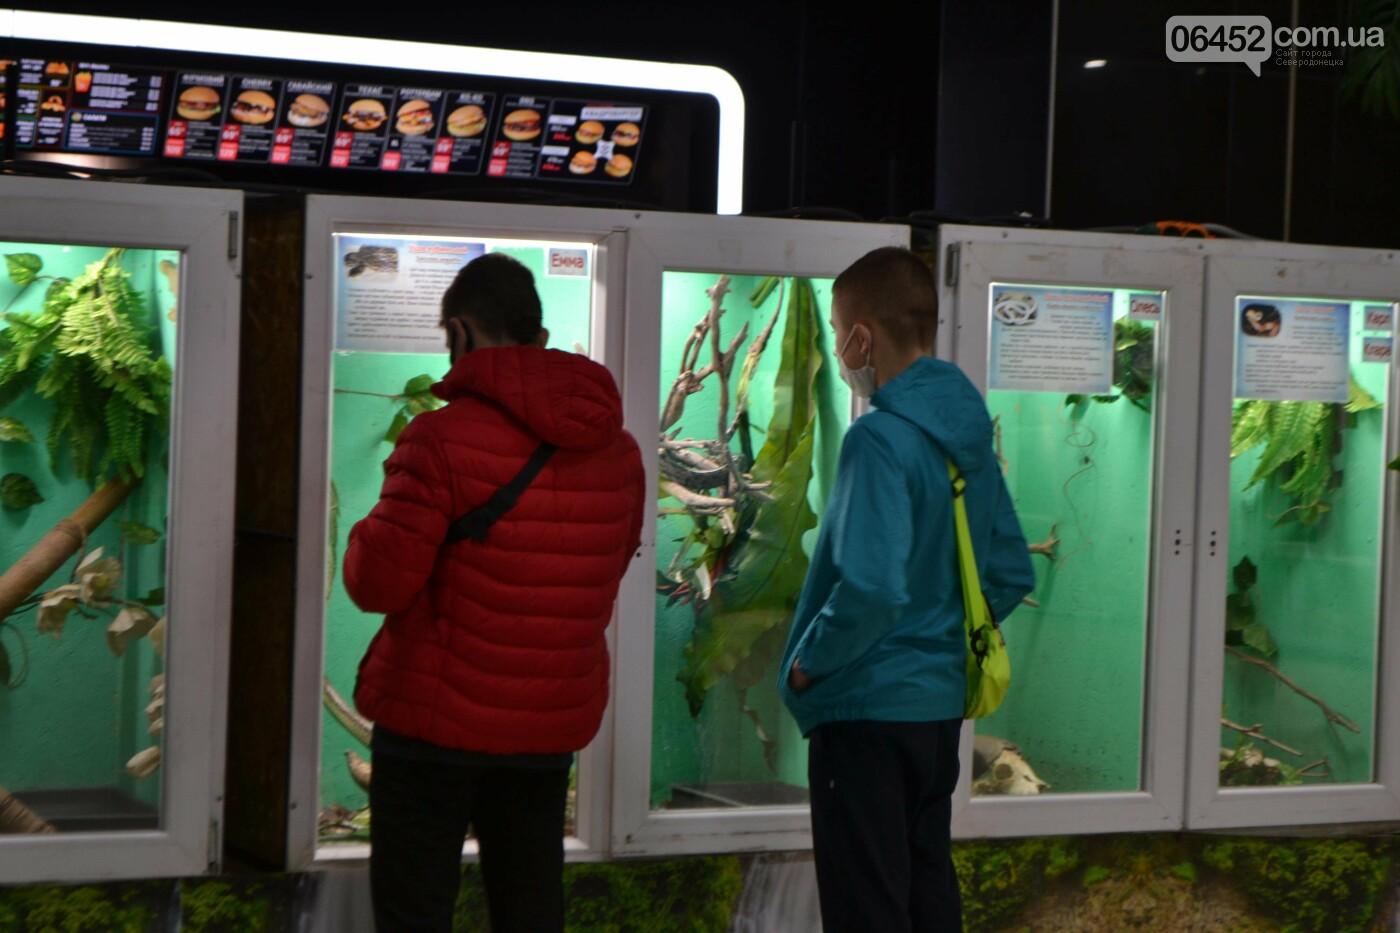 В Северодонецке открылась выставка экзотических рептилий (фото) , фото-2